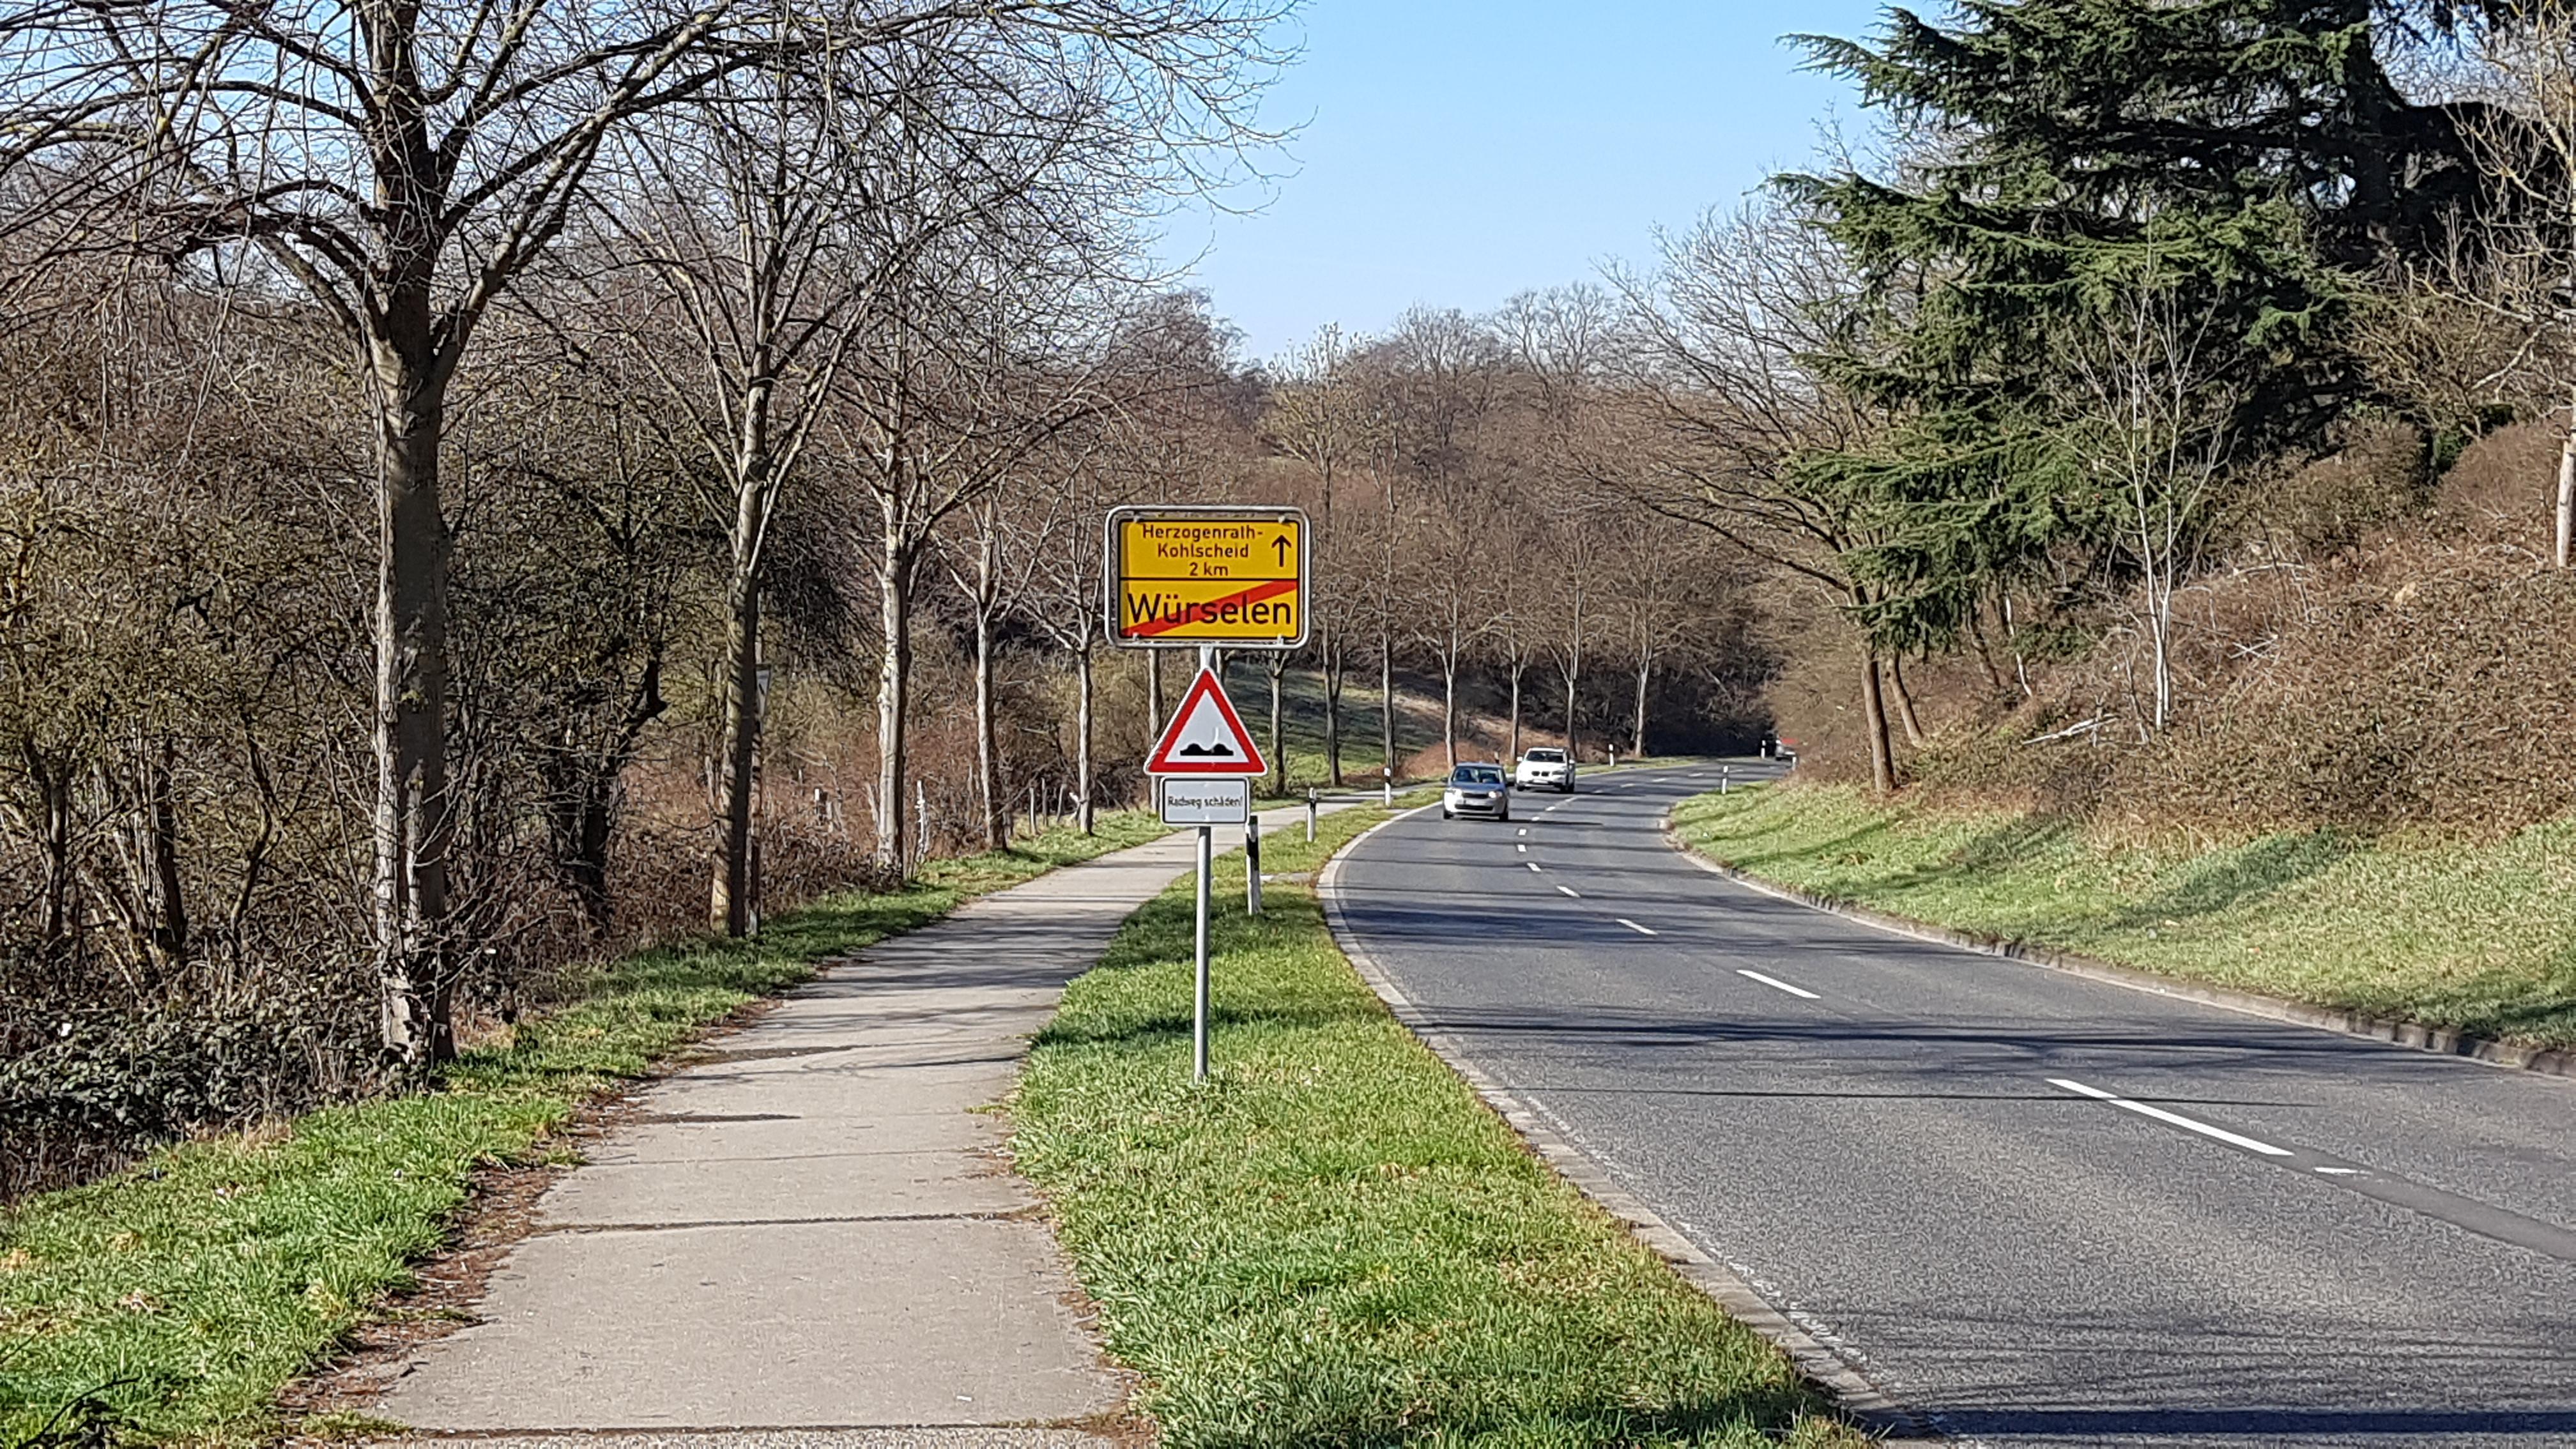 Bild: Schild Radwegschäden auf der Schweilbacher Straße in Würselen